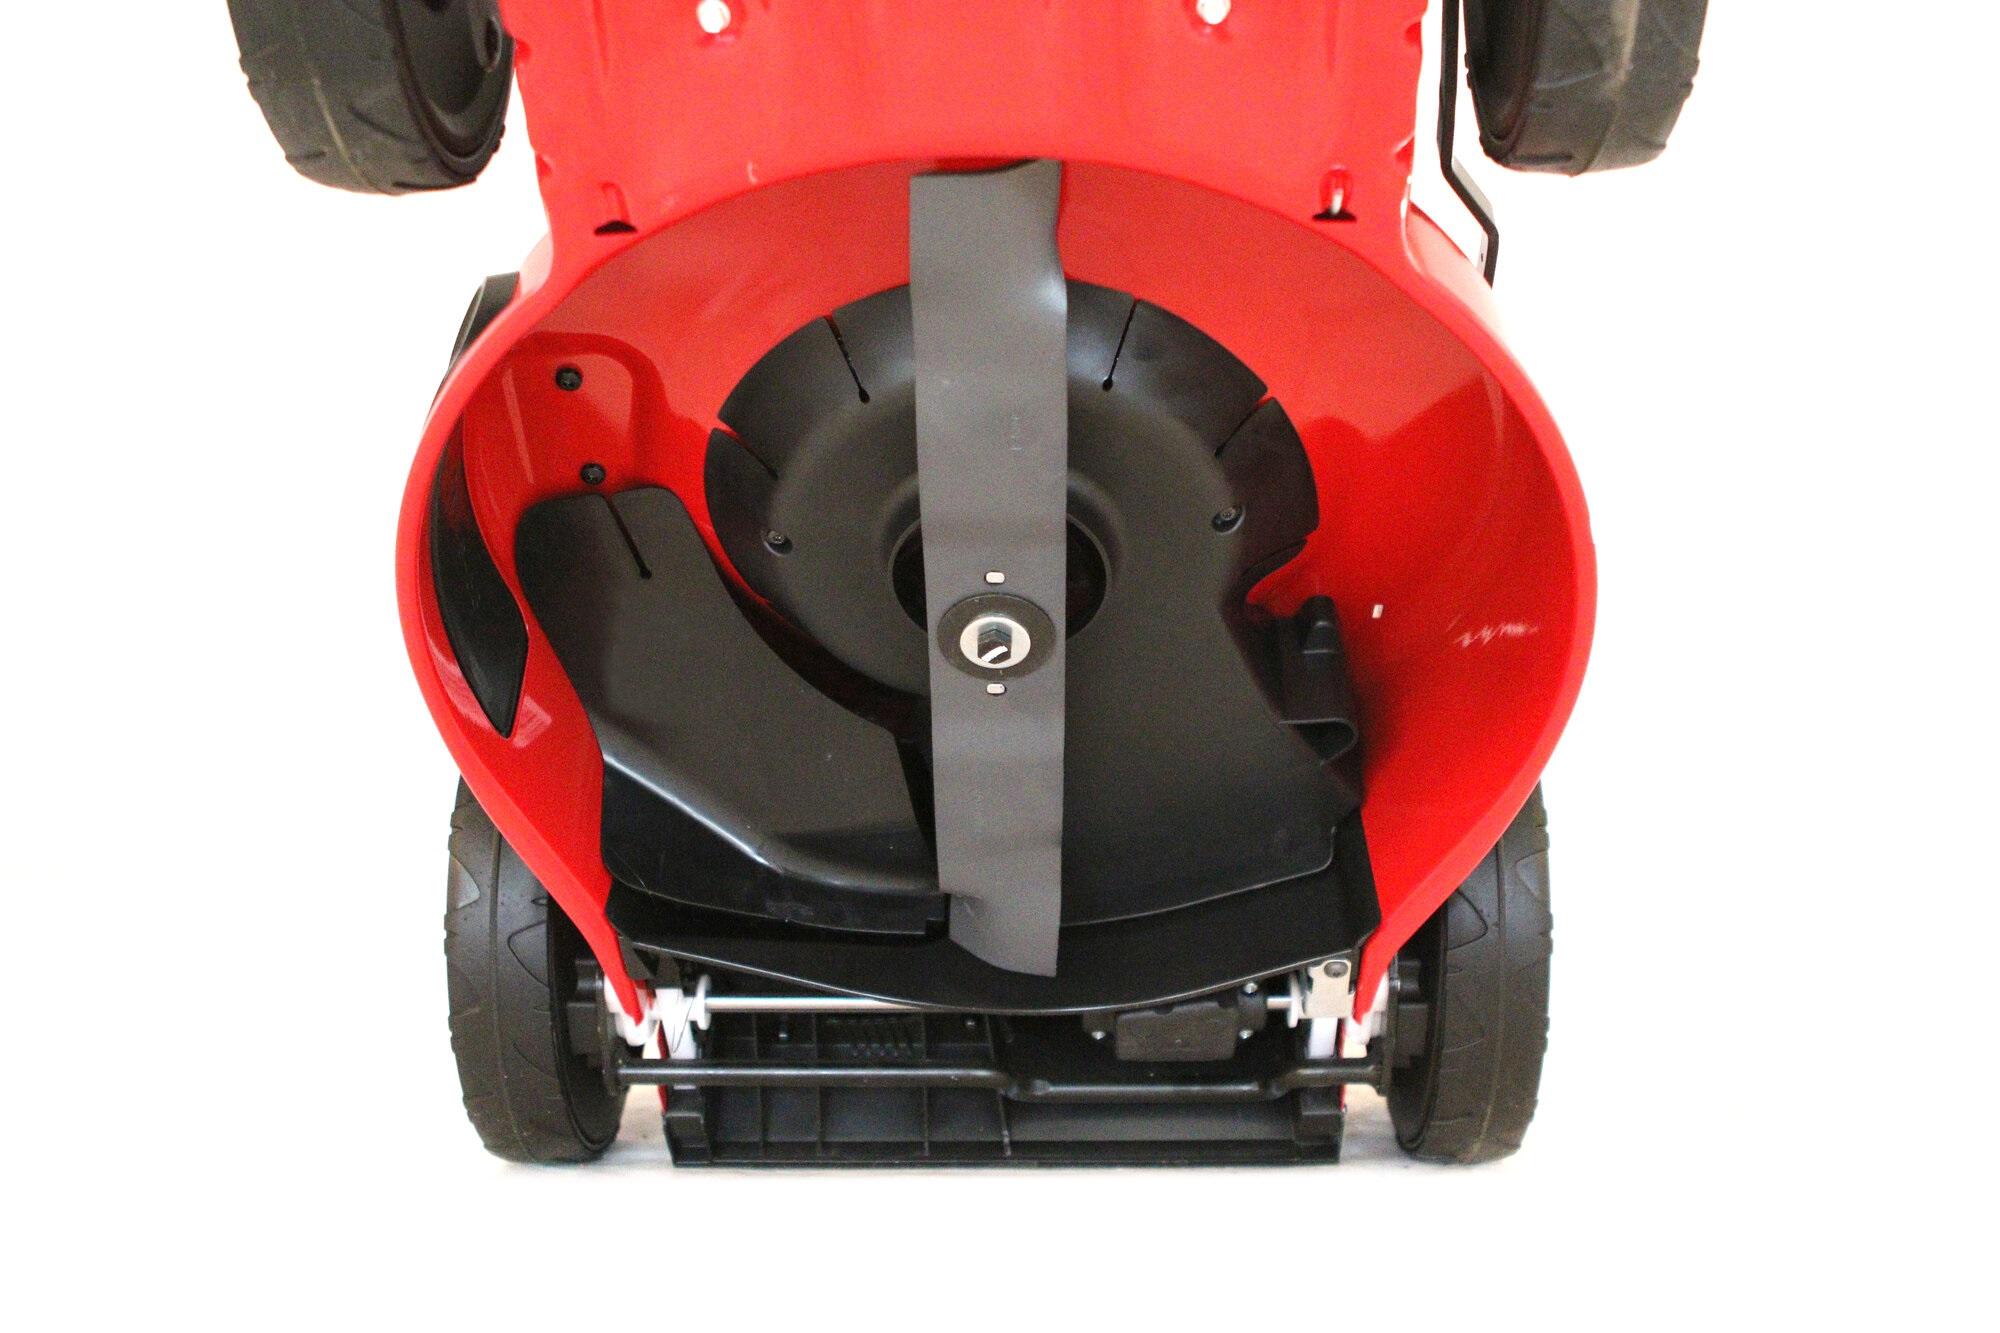 VARI CP1 484H Honda - sekačka motorová s pojezdem VARI 4565 L-11